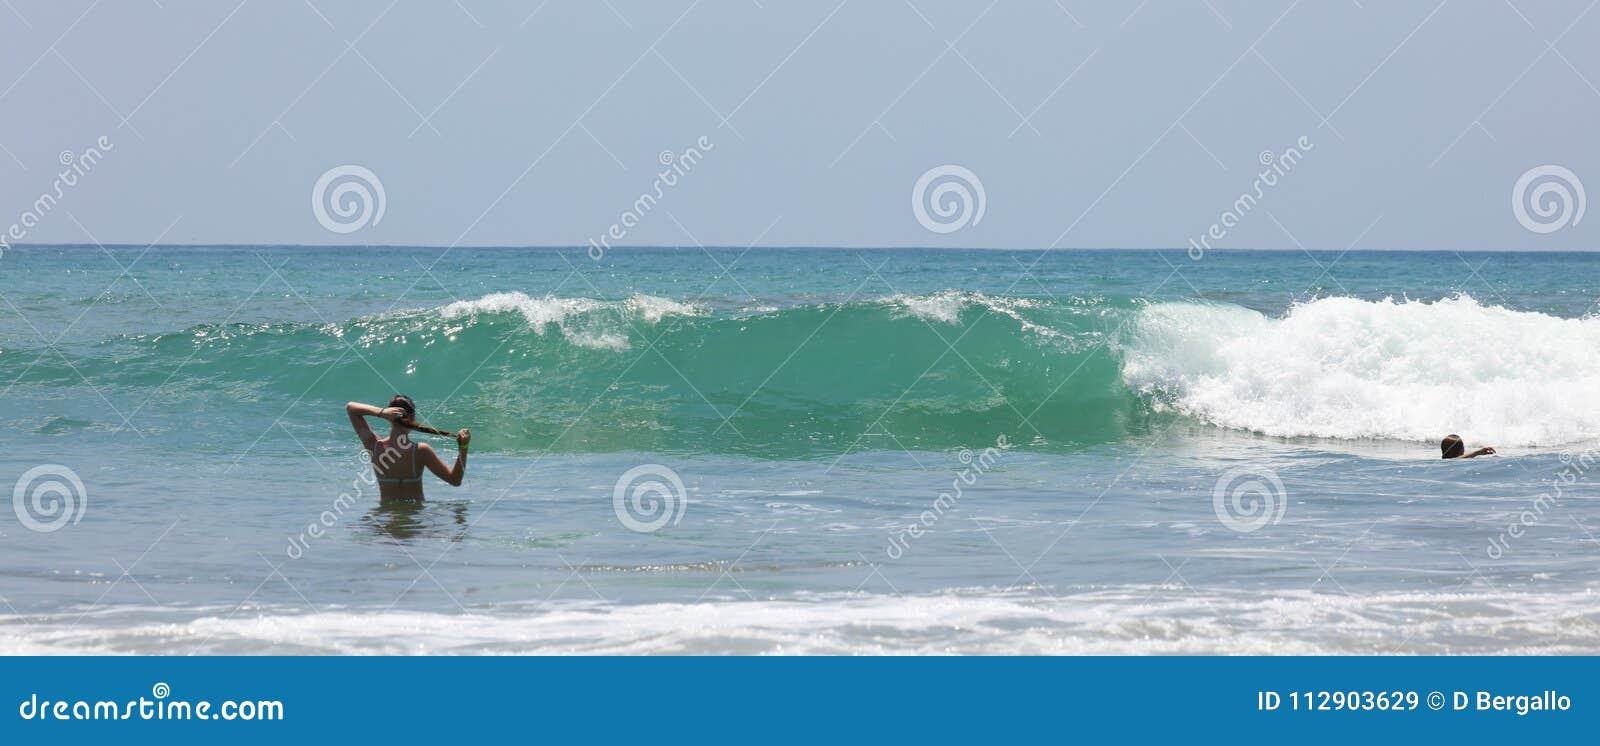 La vue panoramique de la plage de parc national de Manuel Antonio en Costa Rica, la plupart des belles plages dans le monde, surf